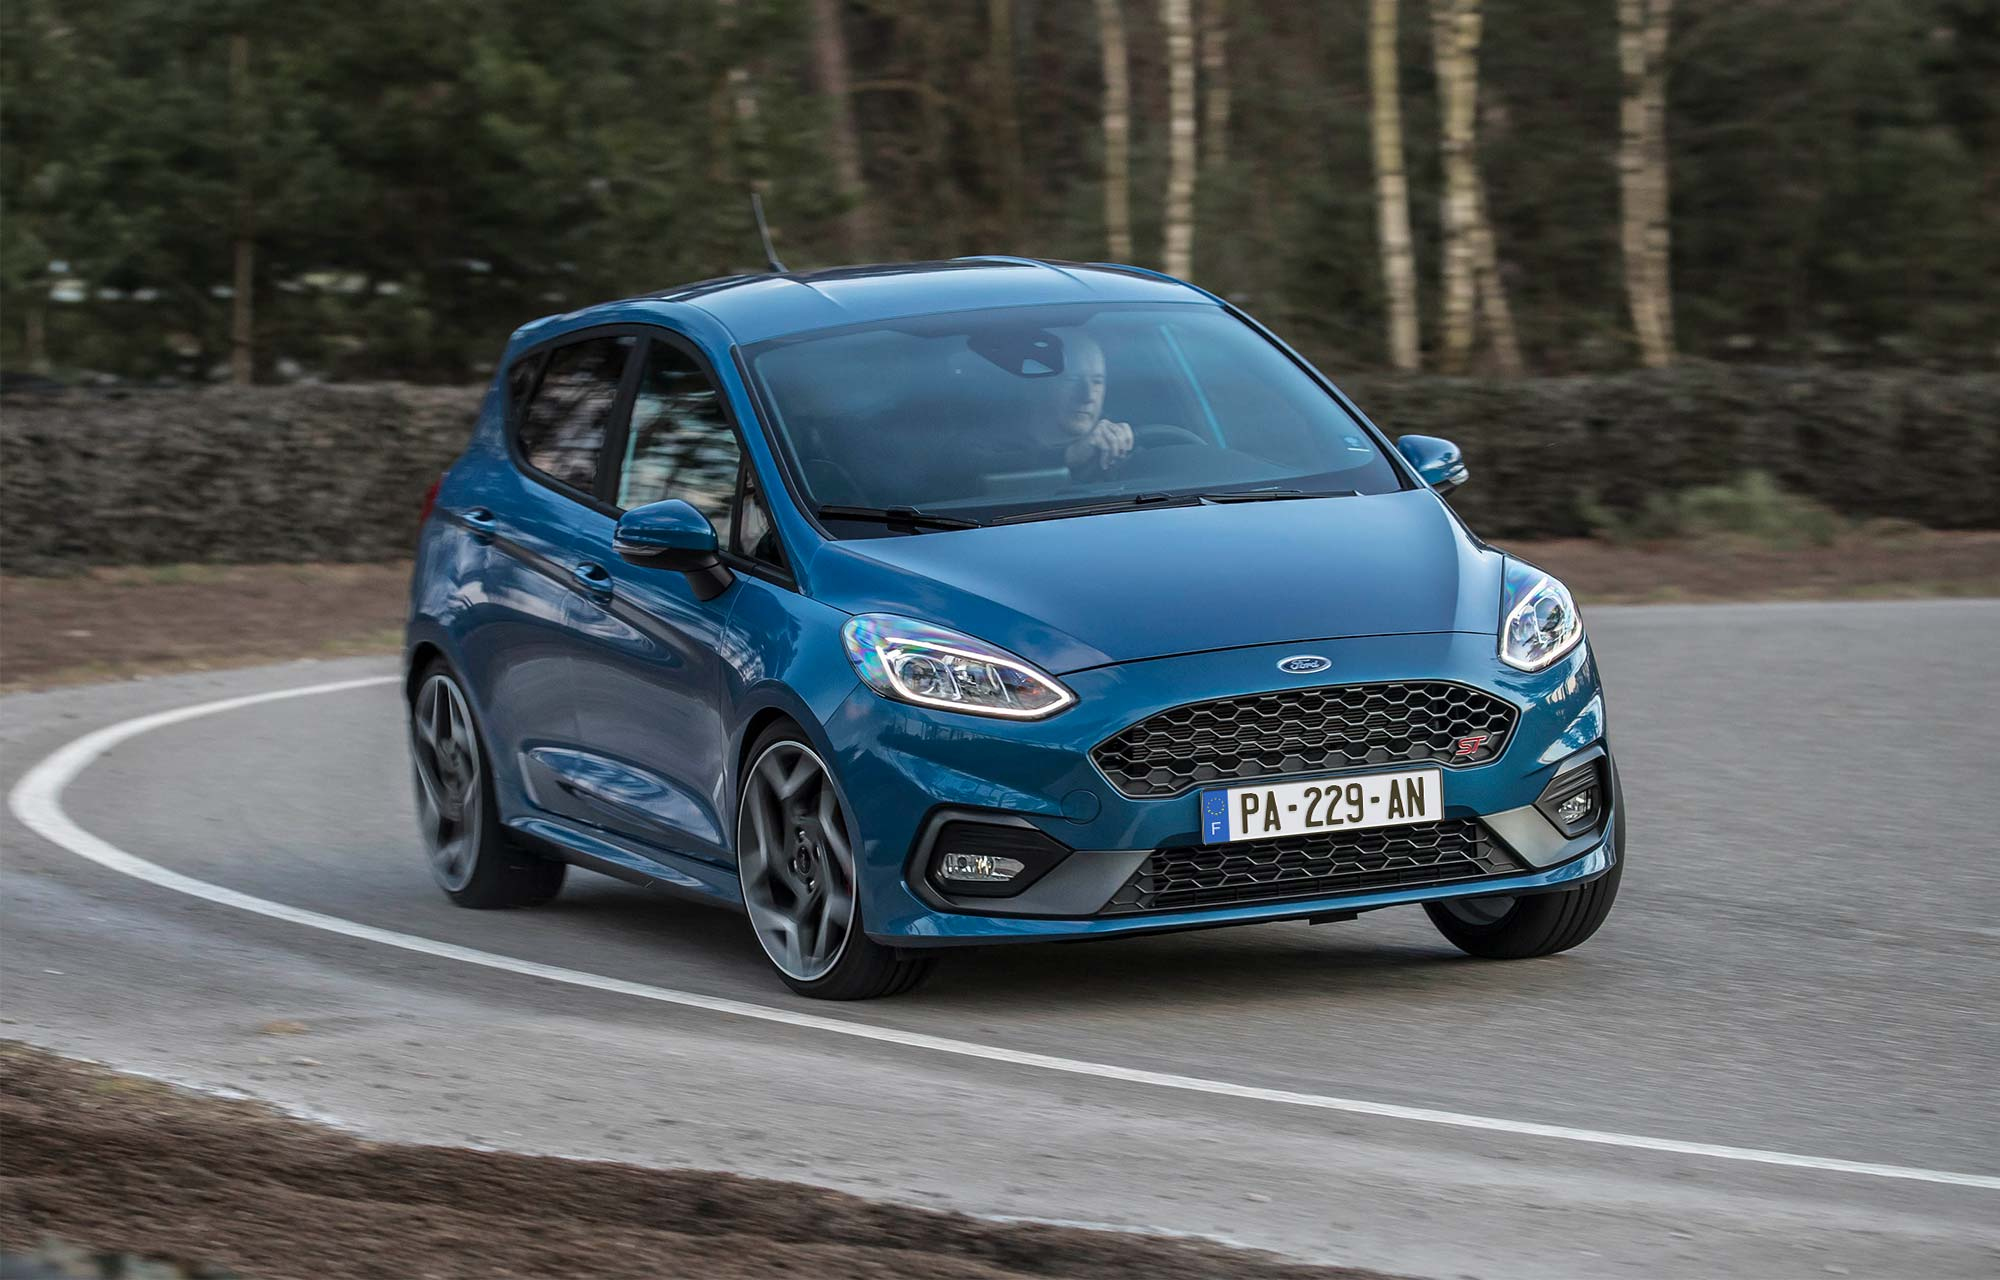 La nouvelle Ford Fiesta ST se dévoile un peu plus